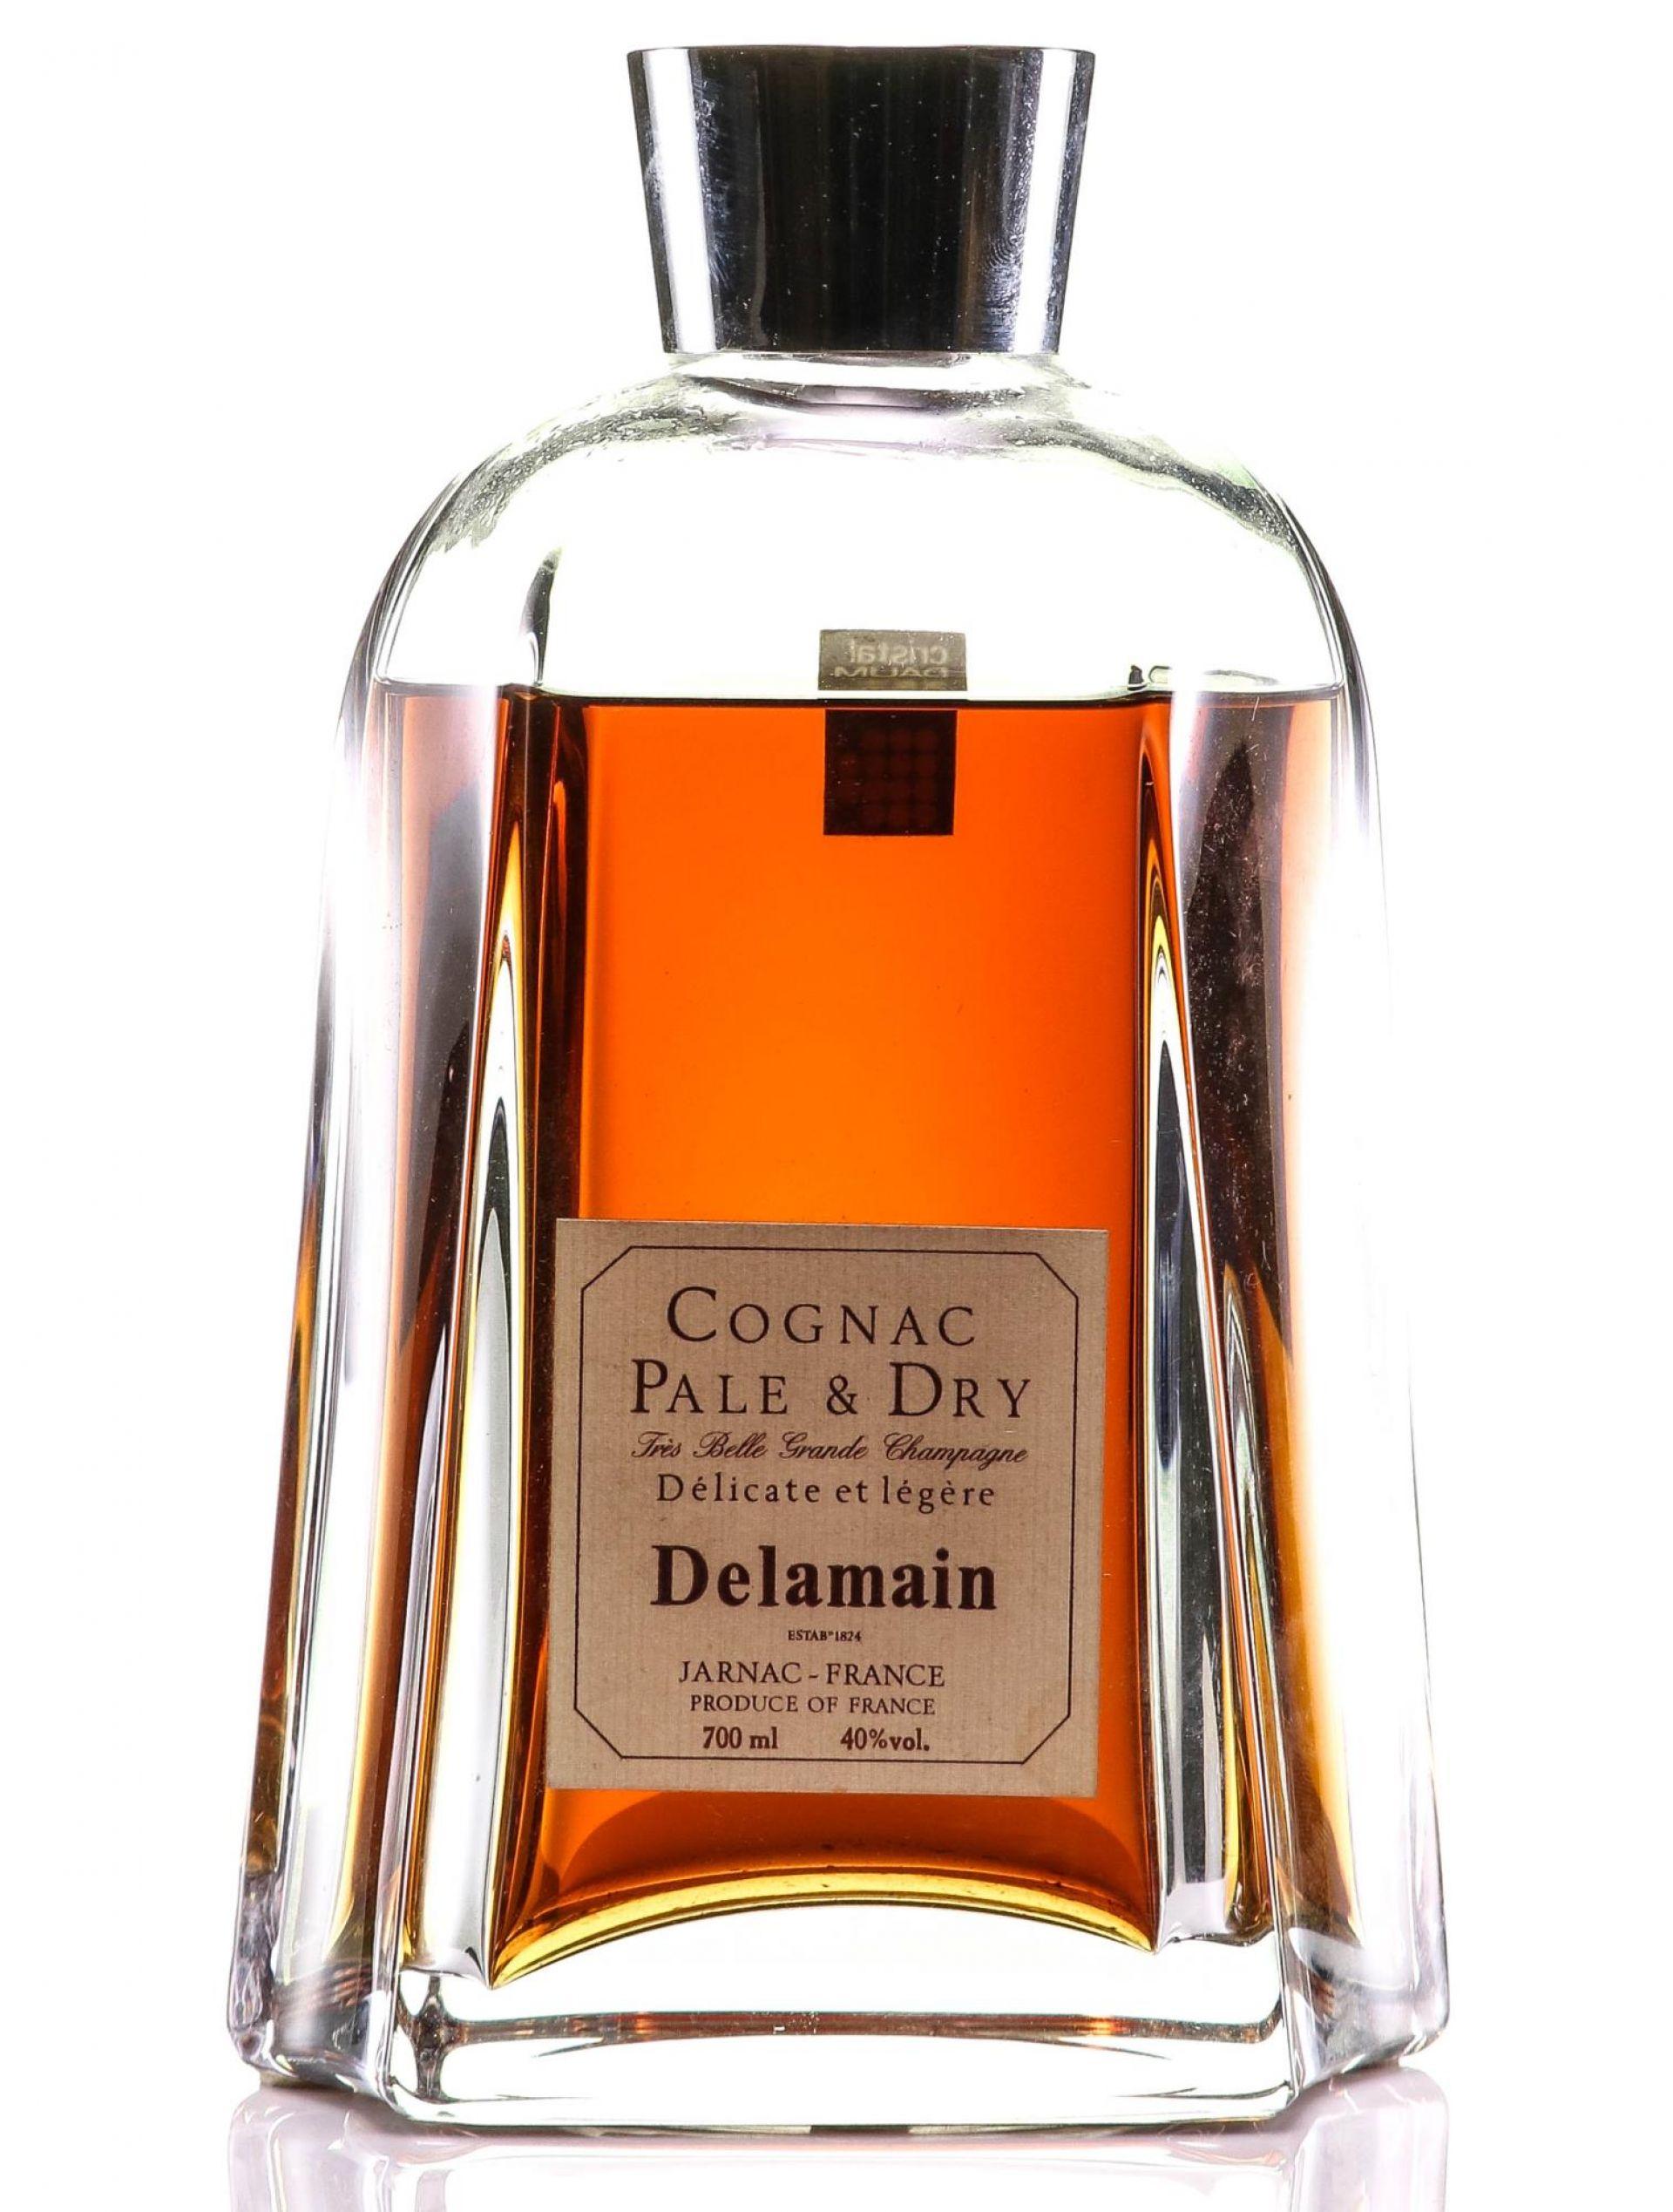 Cognac NV Delamain